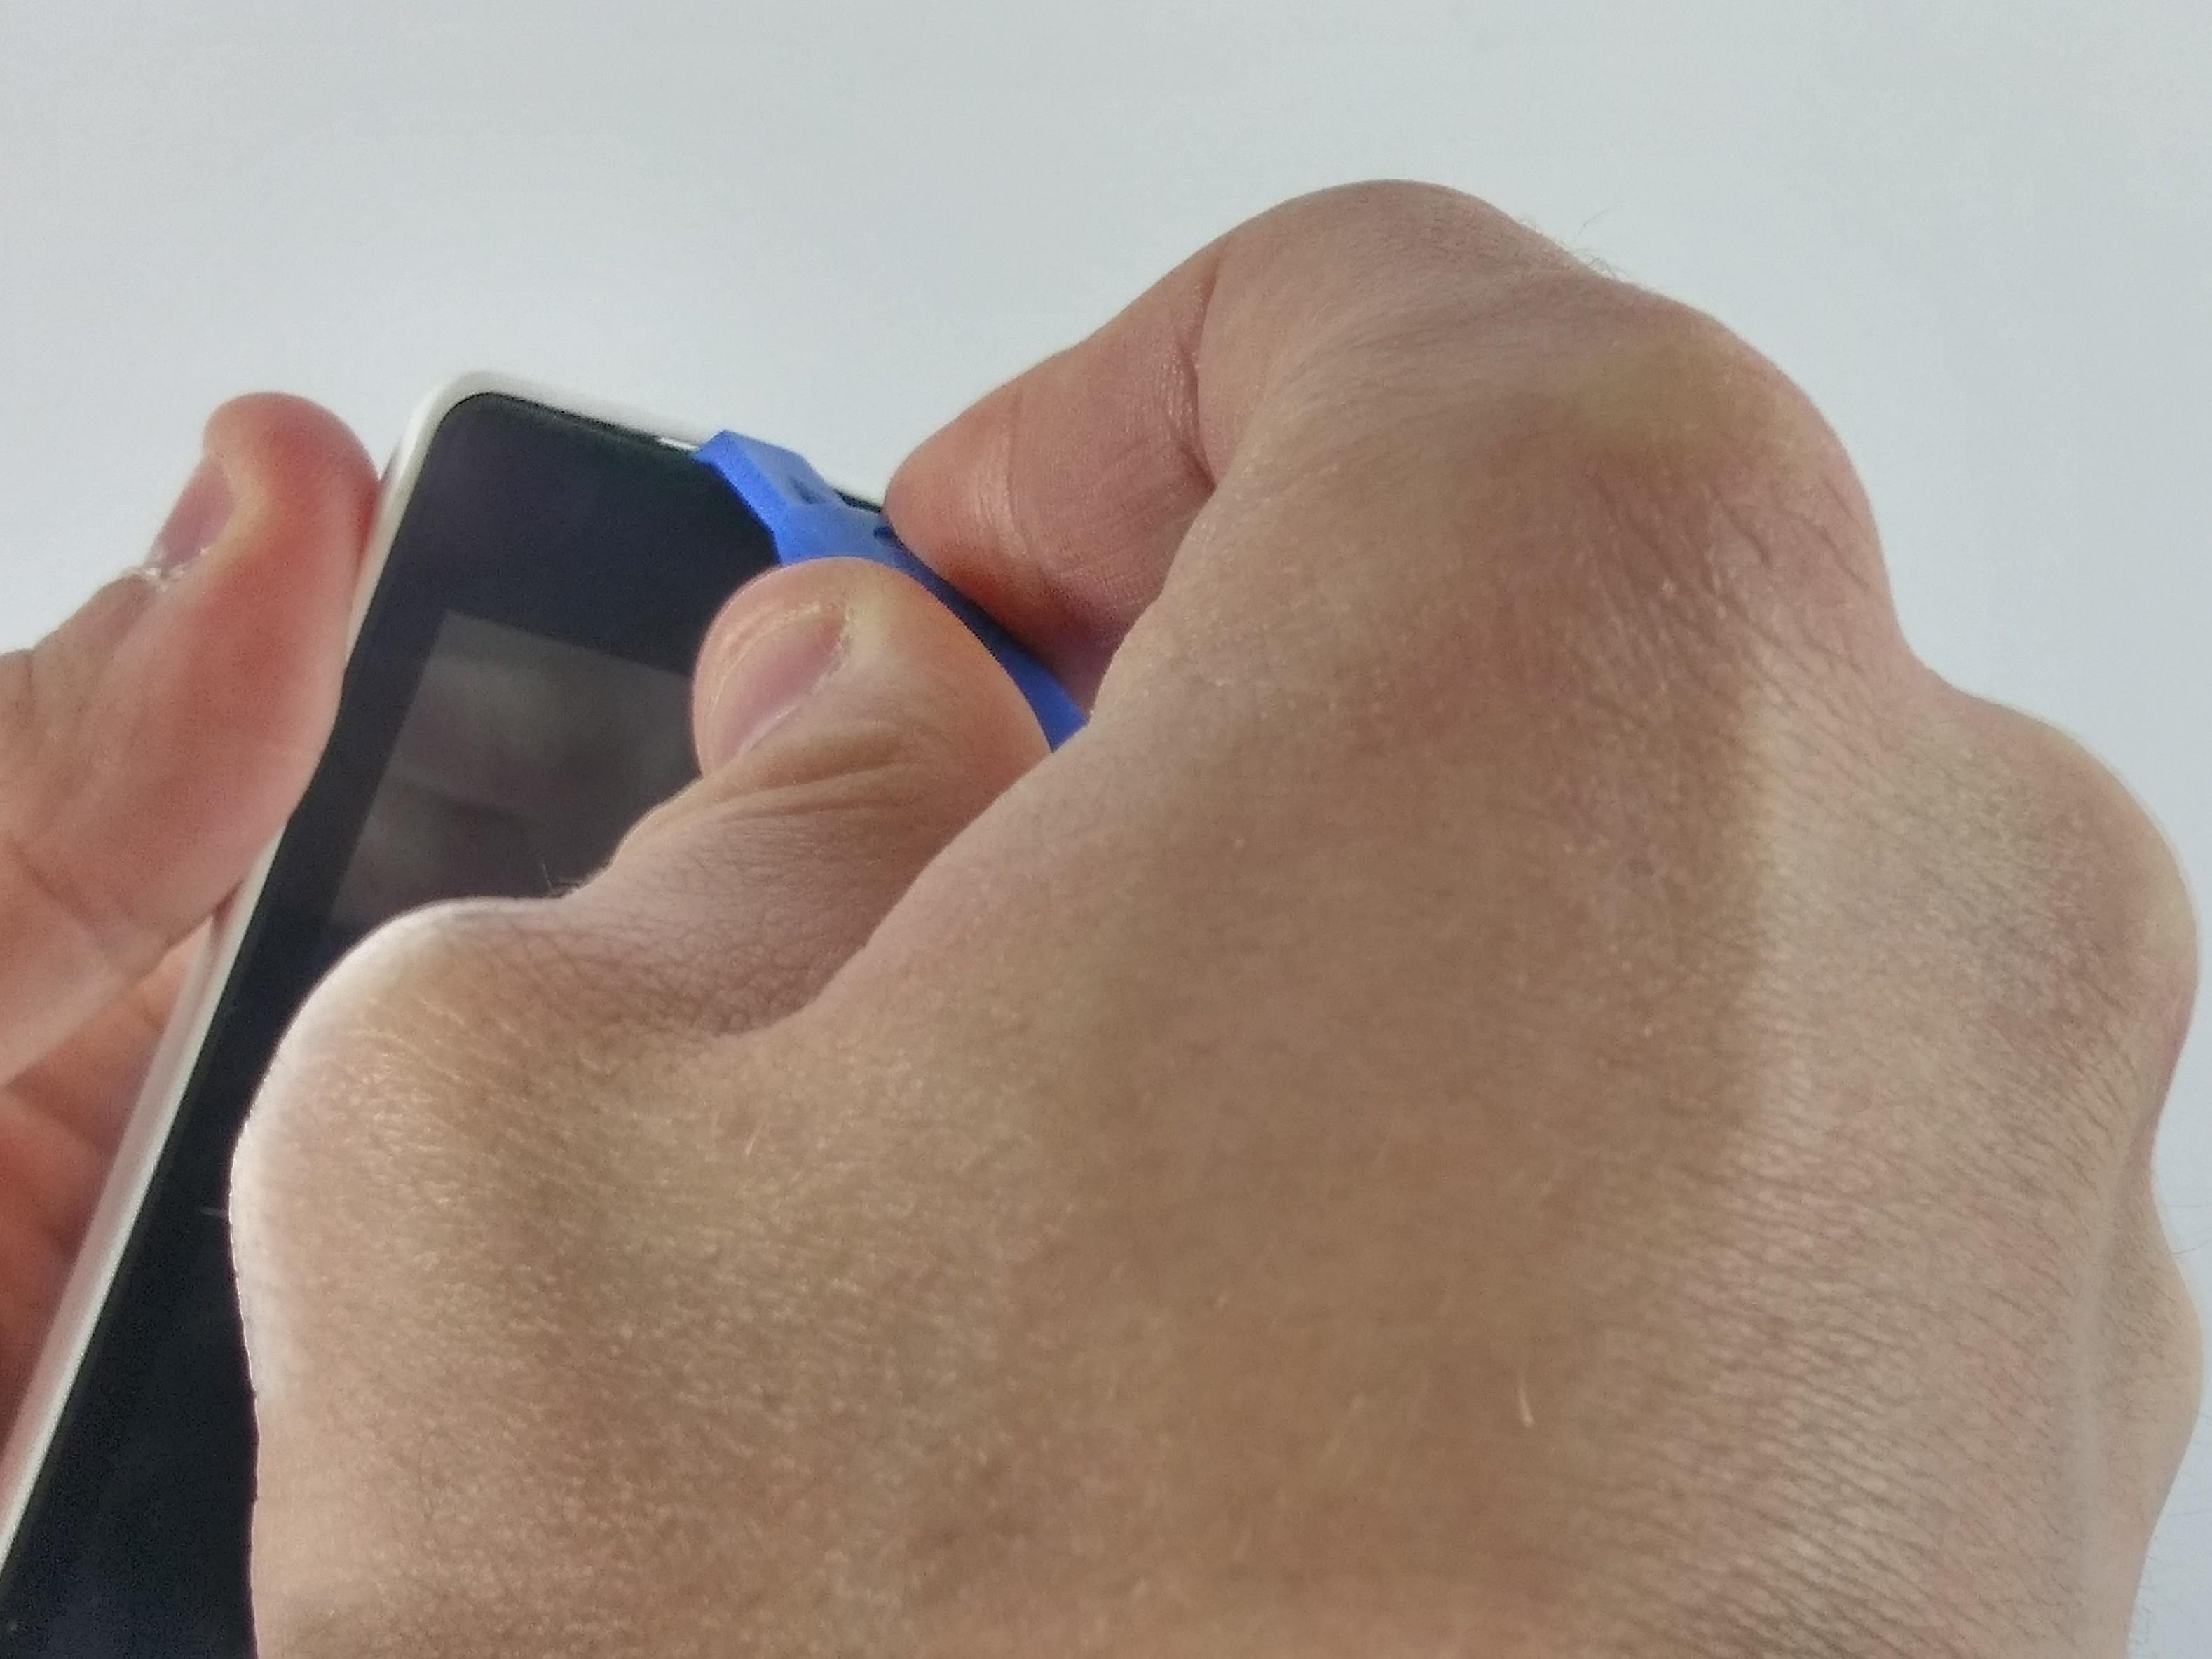 Lumia 521 8 1 update - Battery